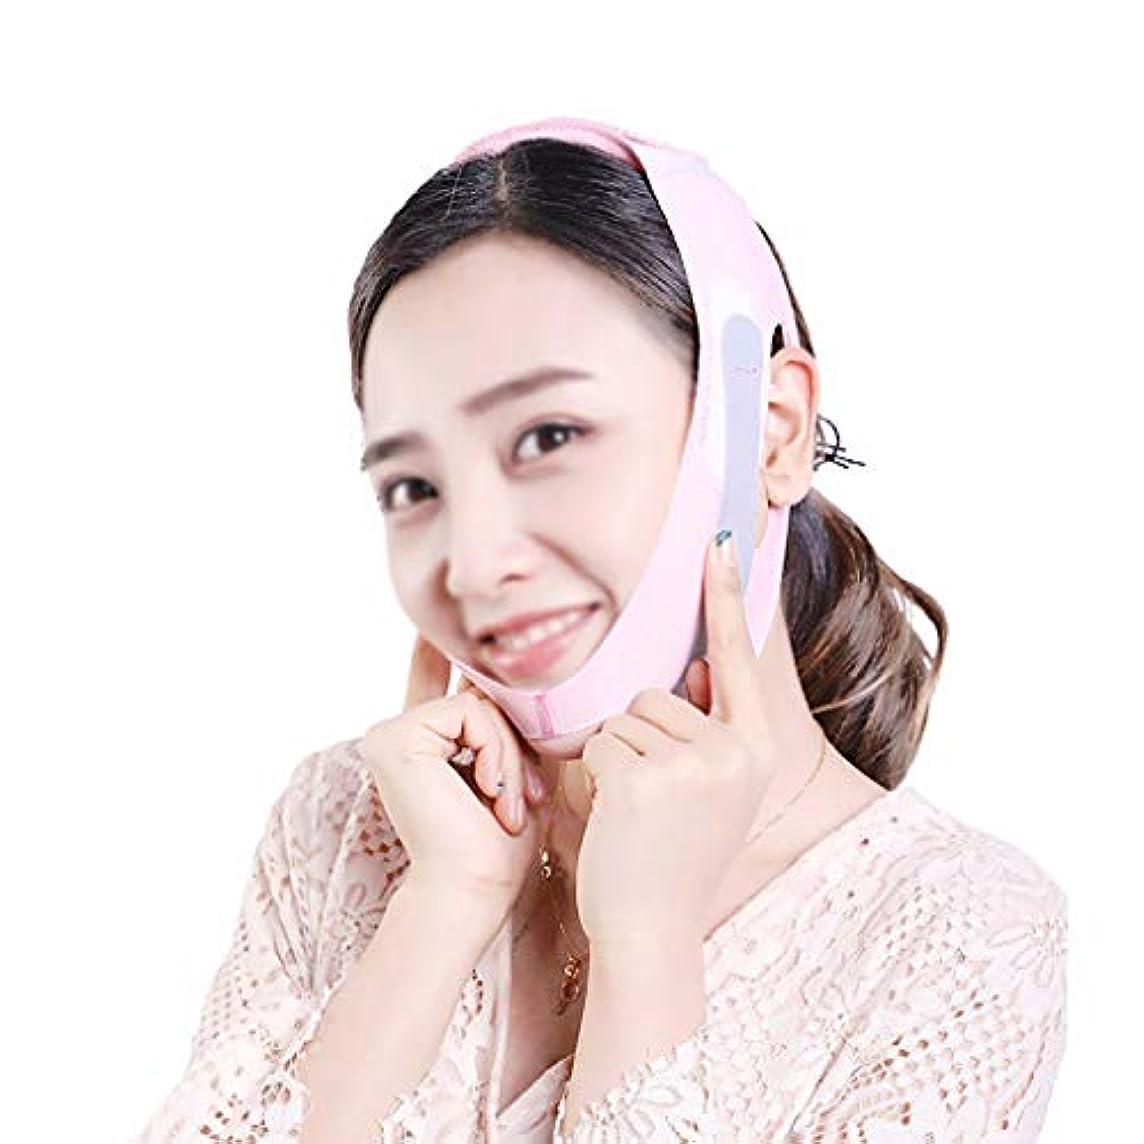 現象悪の看板フェイシャルマスク、フェイスリフティングアーティファクト包帯リムーバーダブルあごスティックリフティング締め付け咬筋筋肉垂れ防止ベルトスリミングベルト